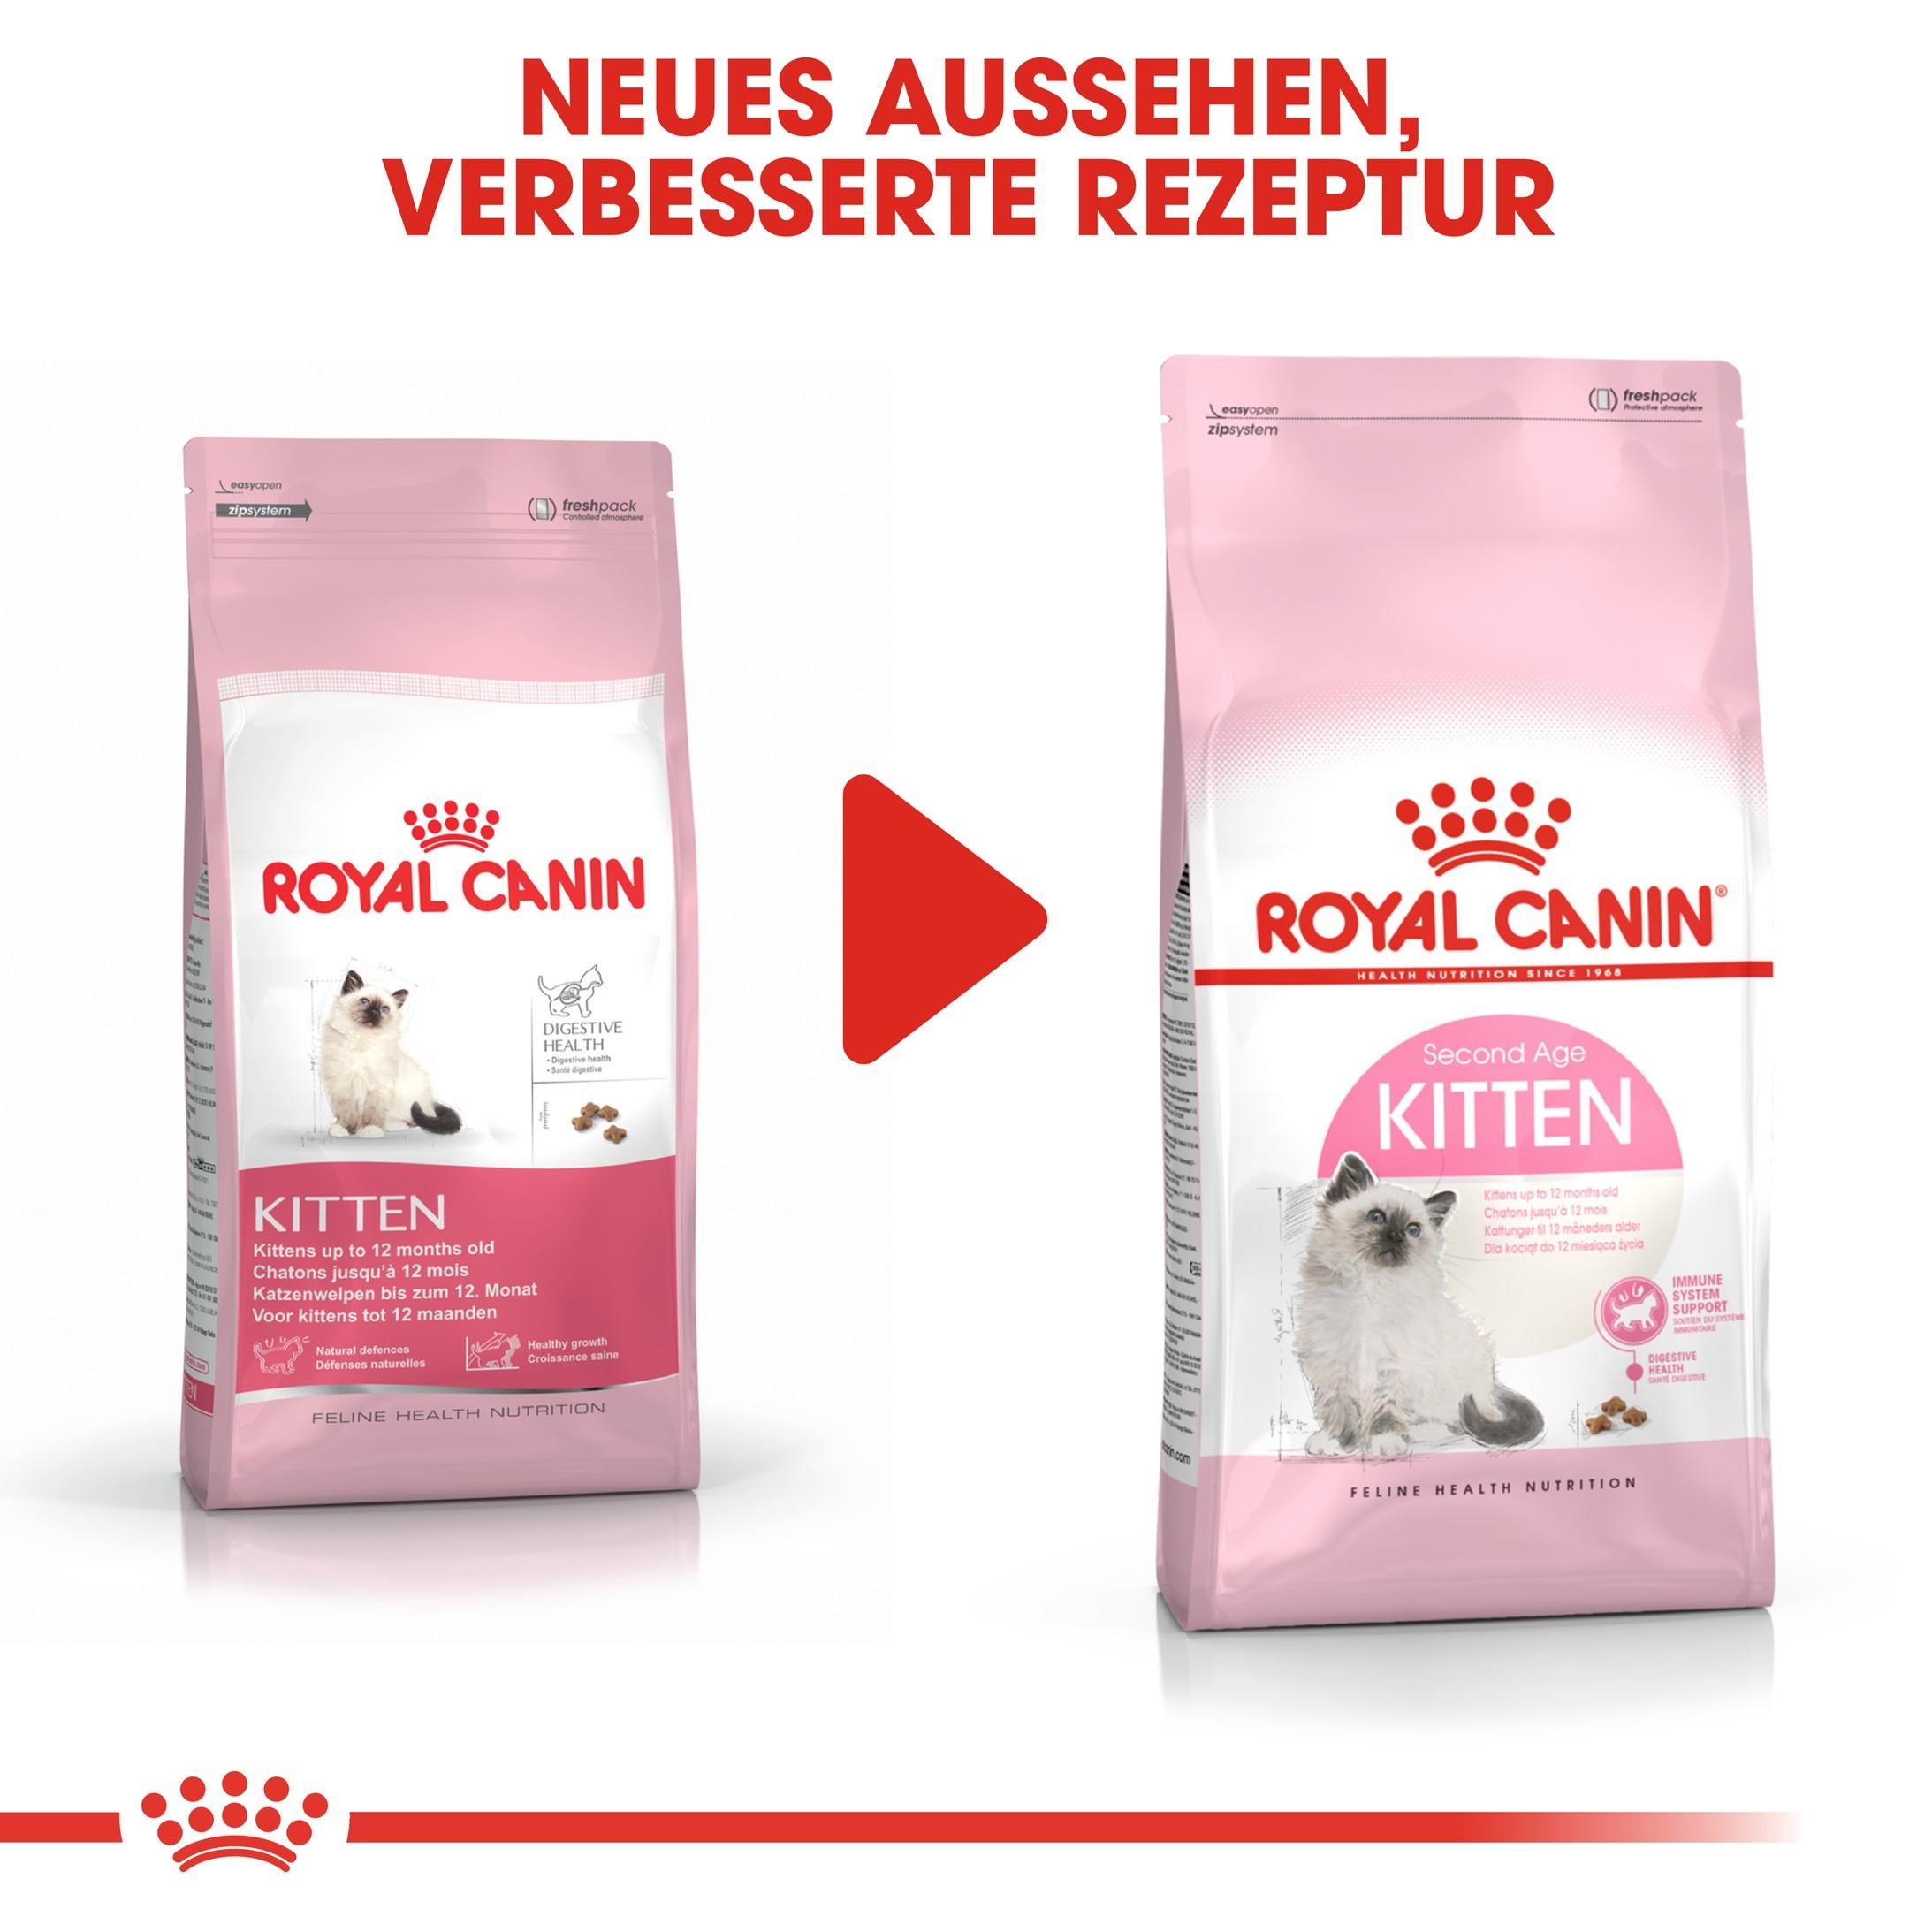 Royal Canin Kitten Katzenfutter